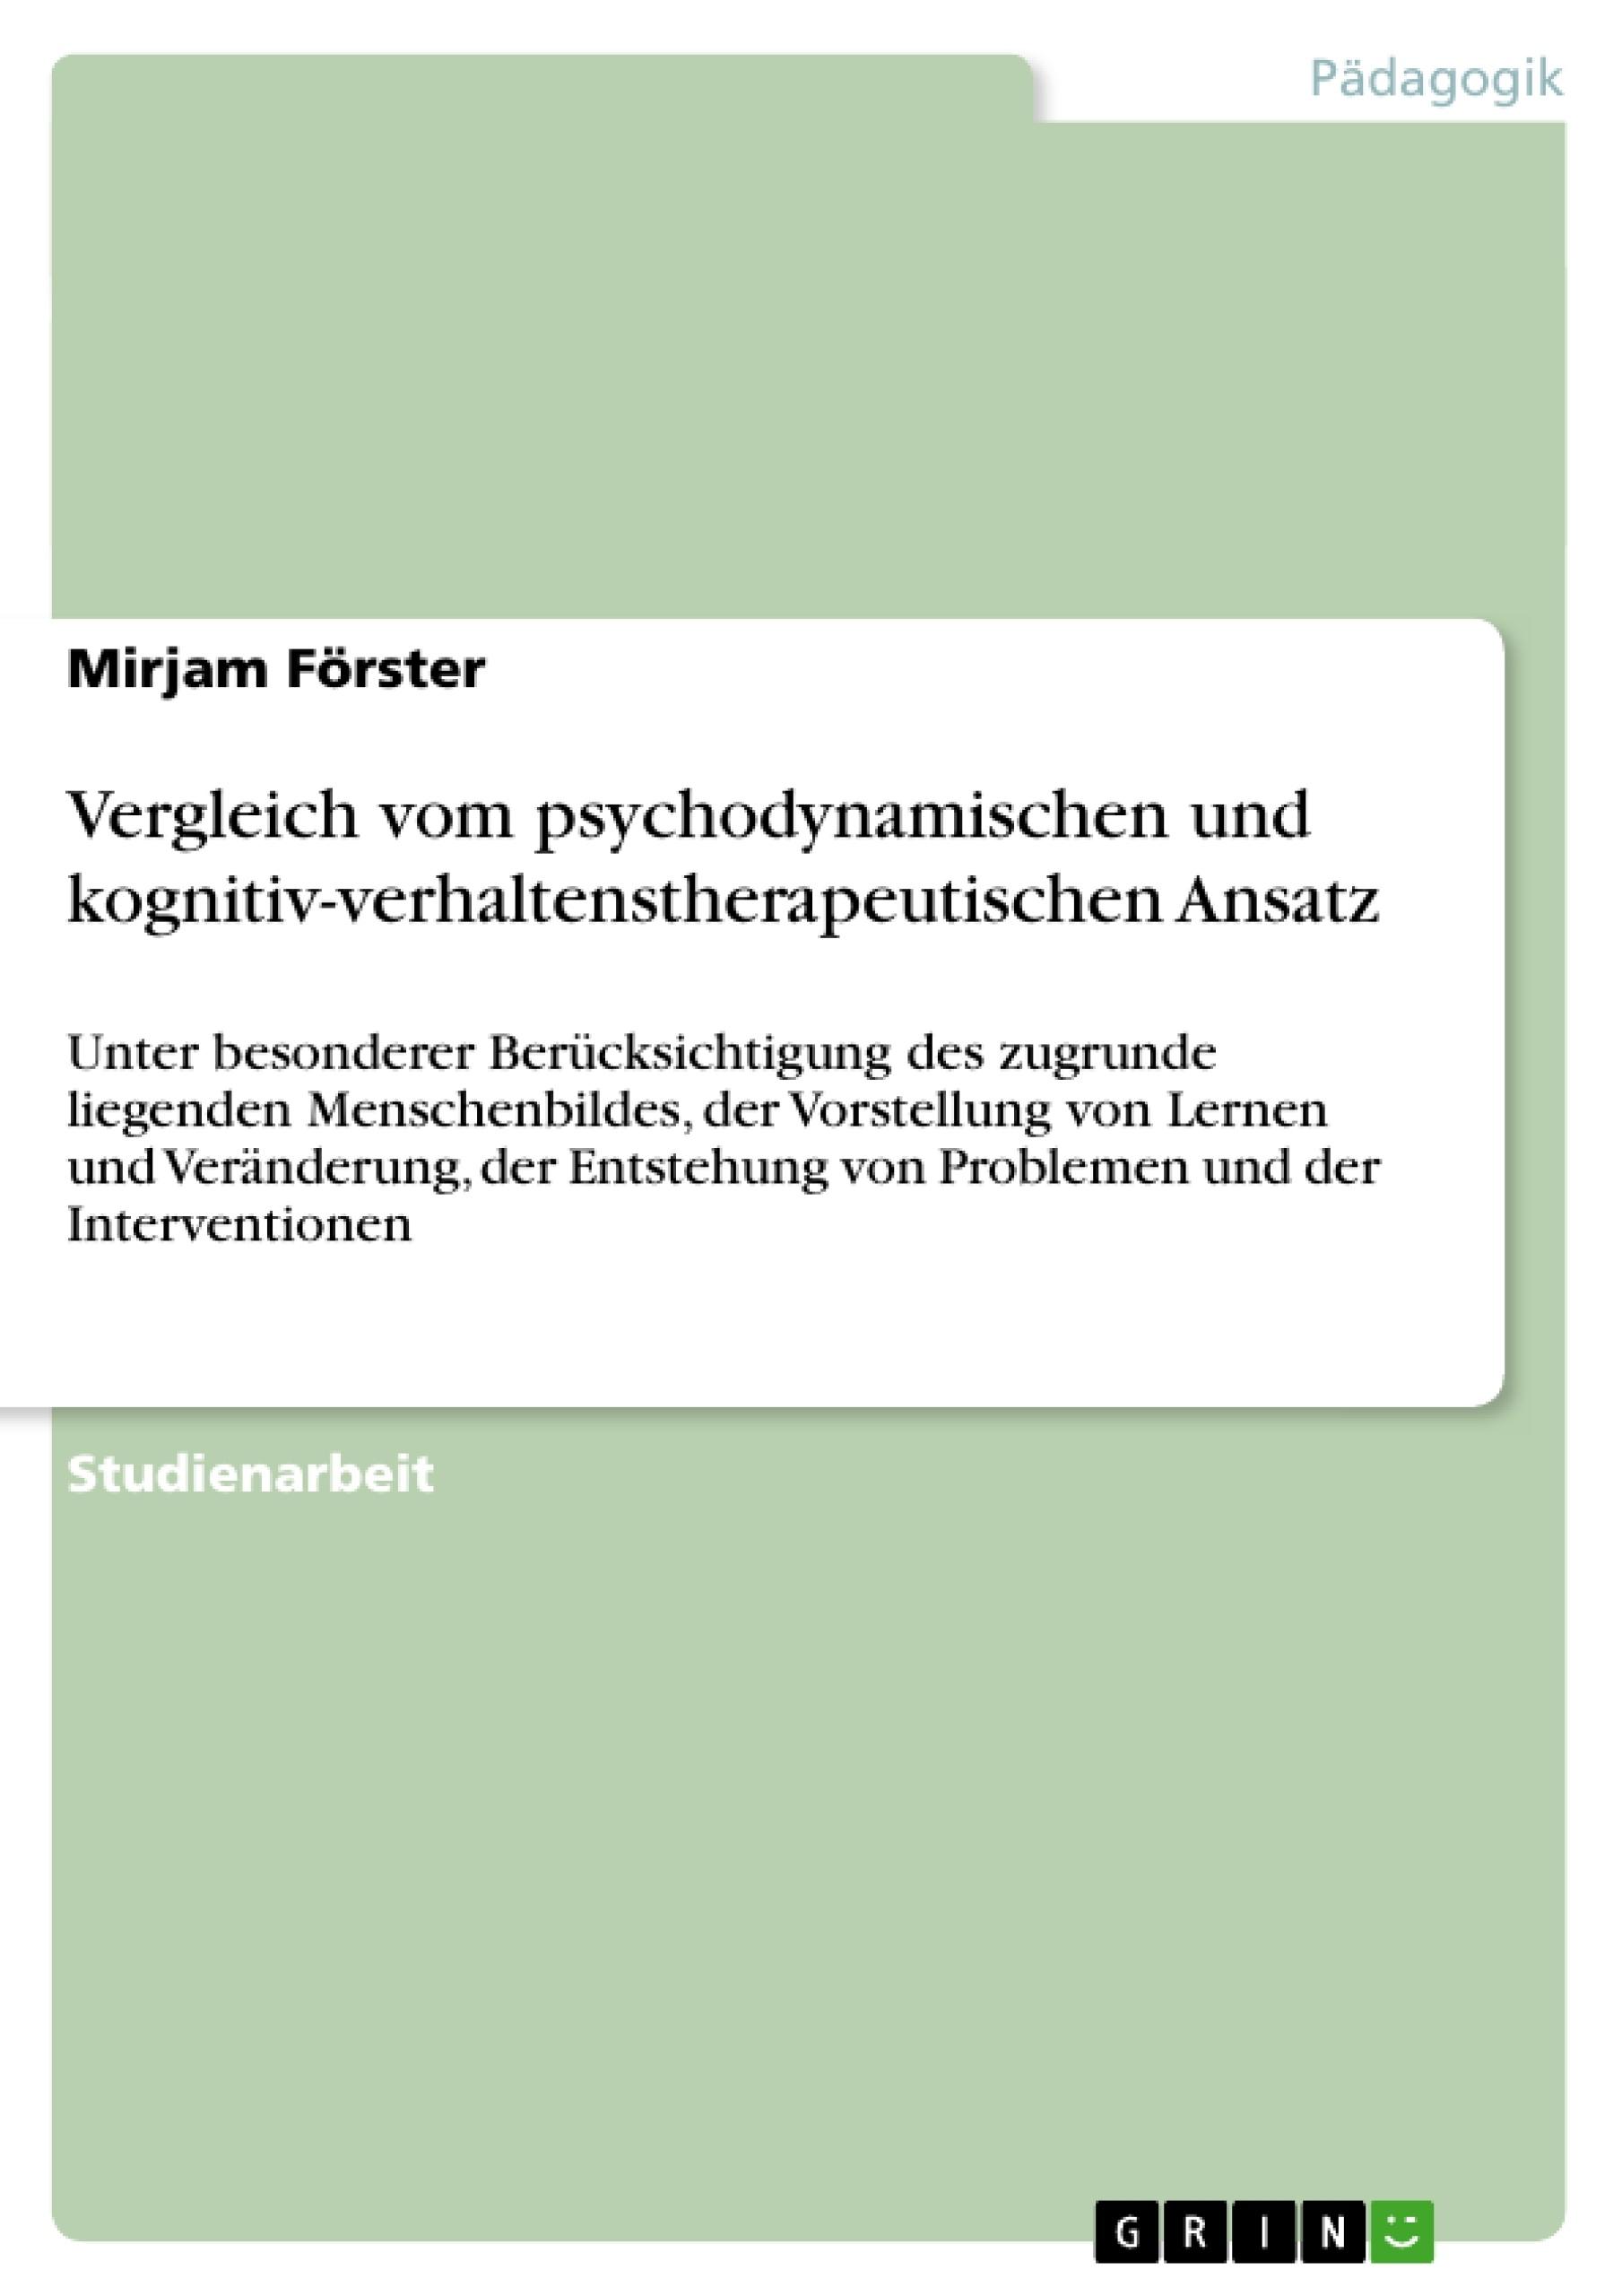 Titel: Vergleich vom psychodynamischen und kognitiv-verhaltenstherapeutischen Ansatz